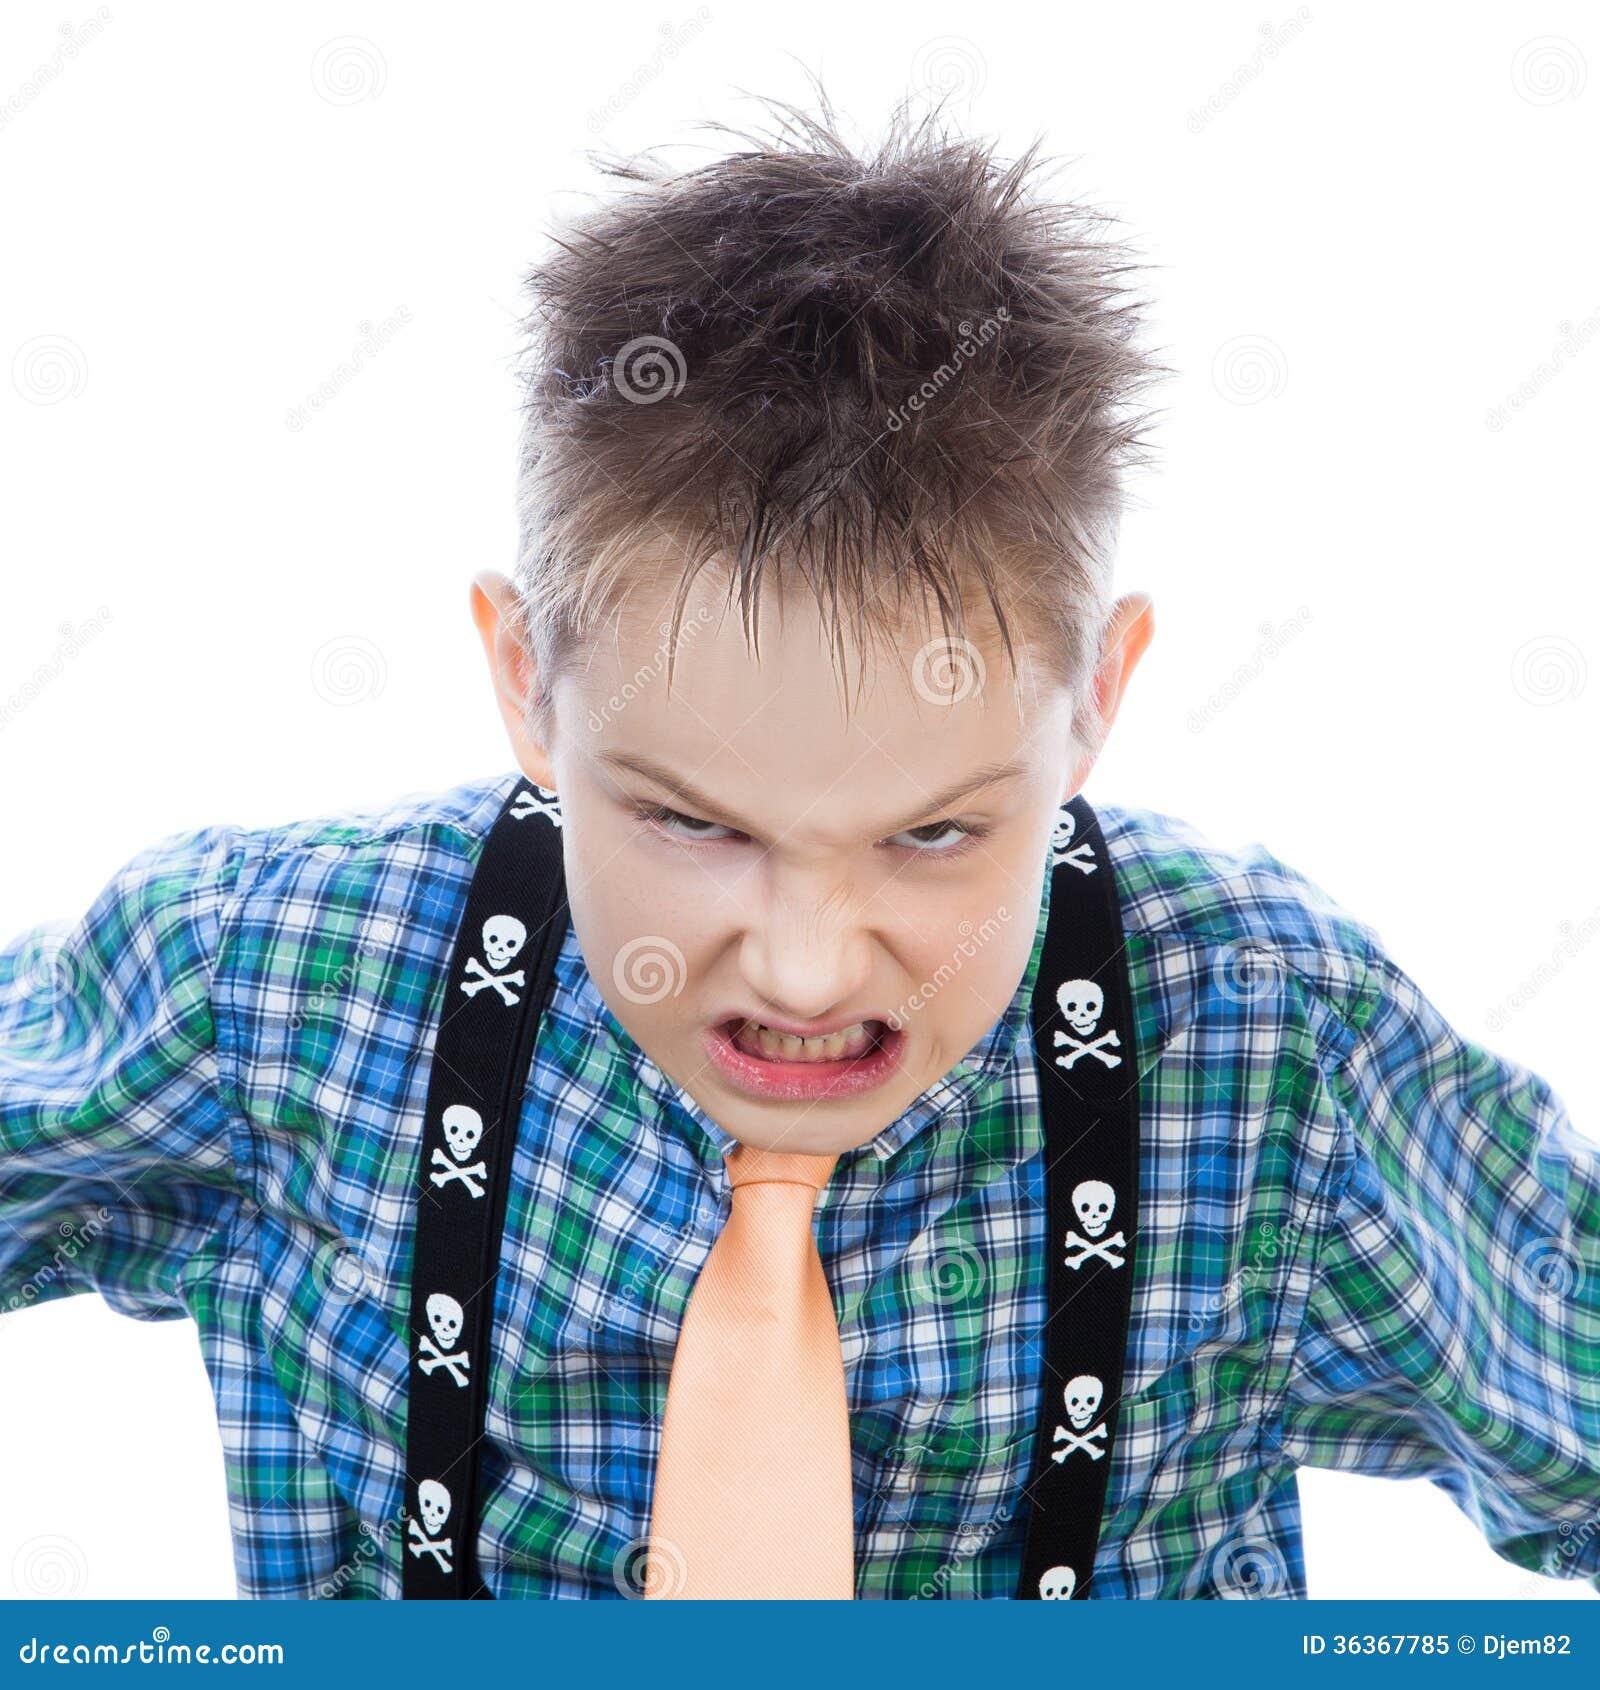 El ni o peque o agresivo grita en la c mara foto de - Foto nino pequeno ...